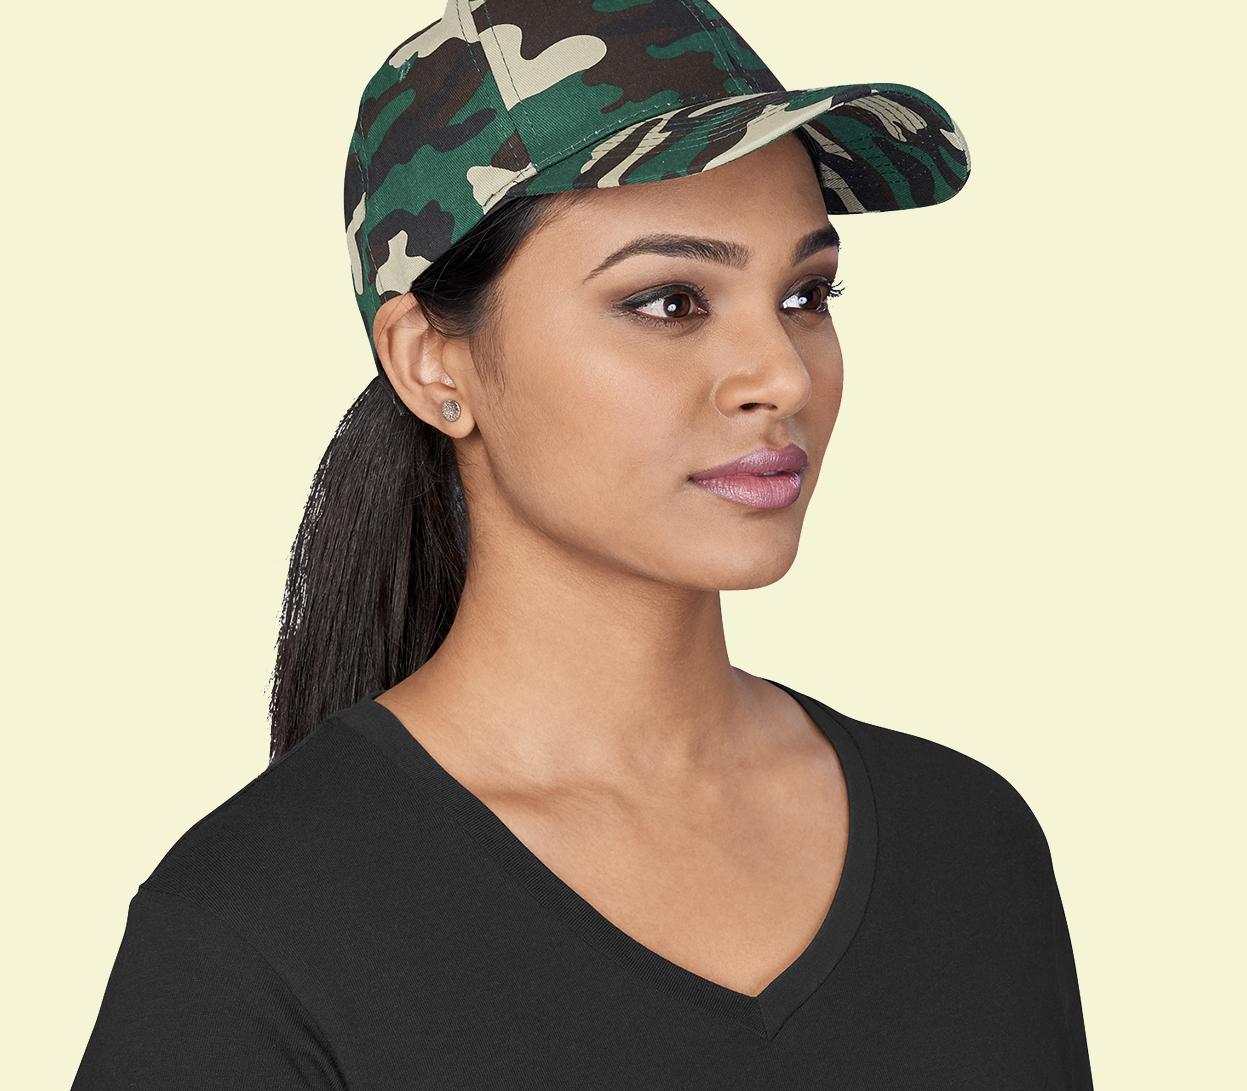 Camo Caps & Hats